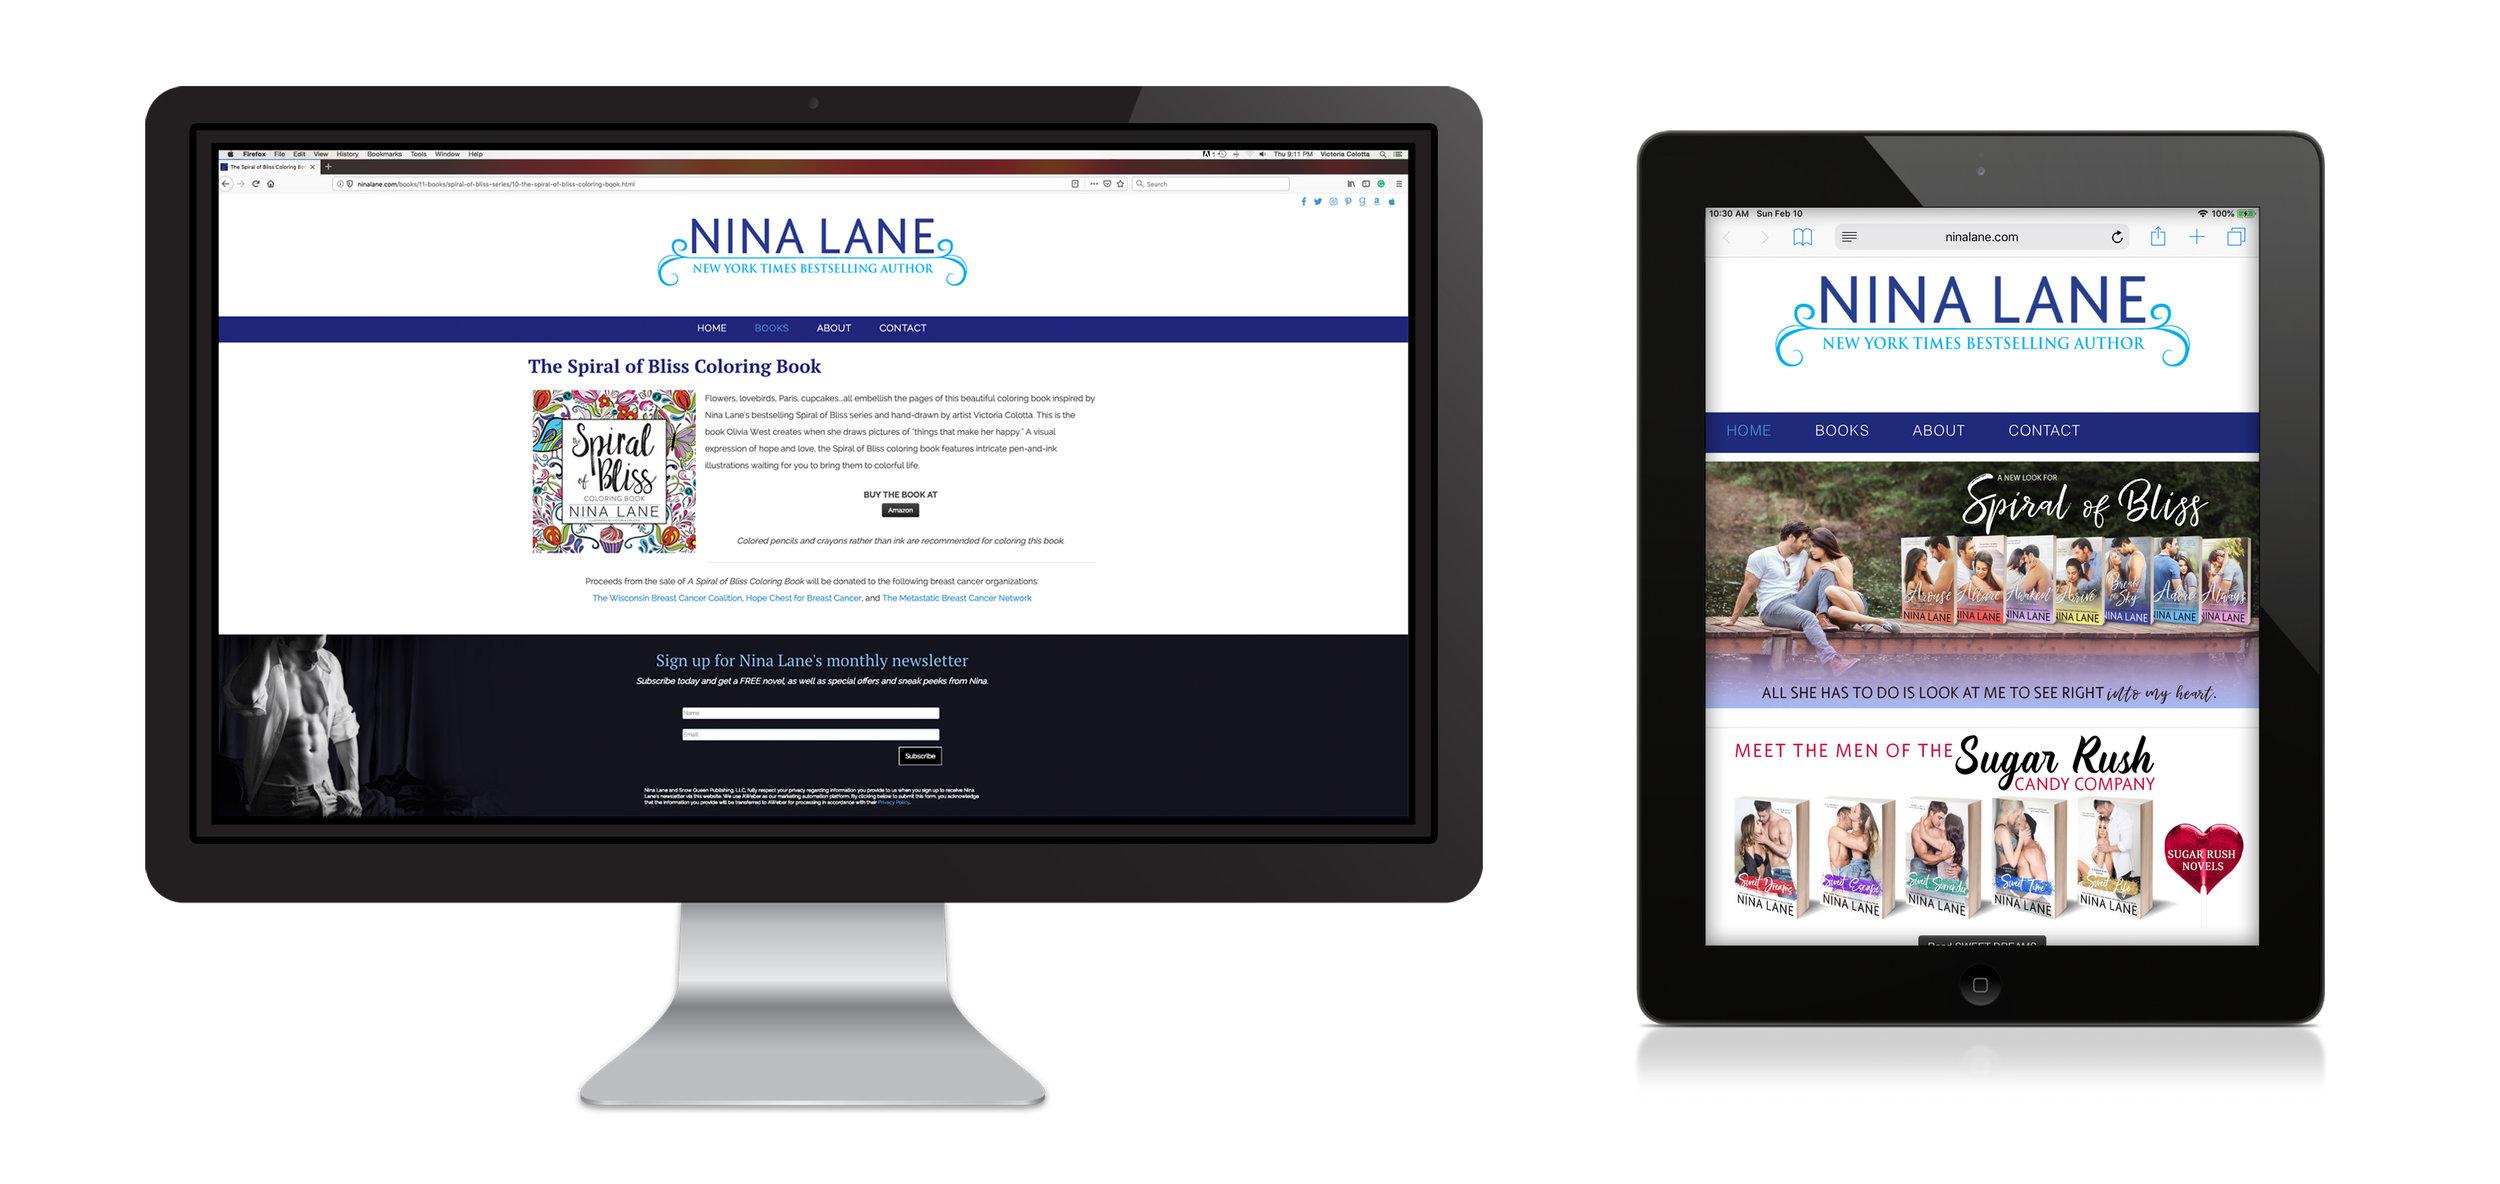 ninalane.com